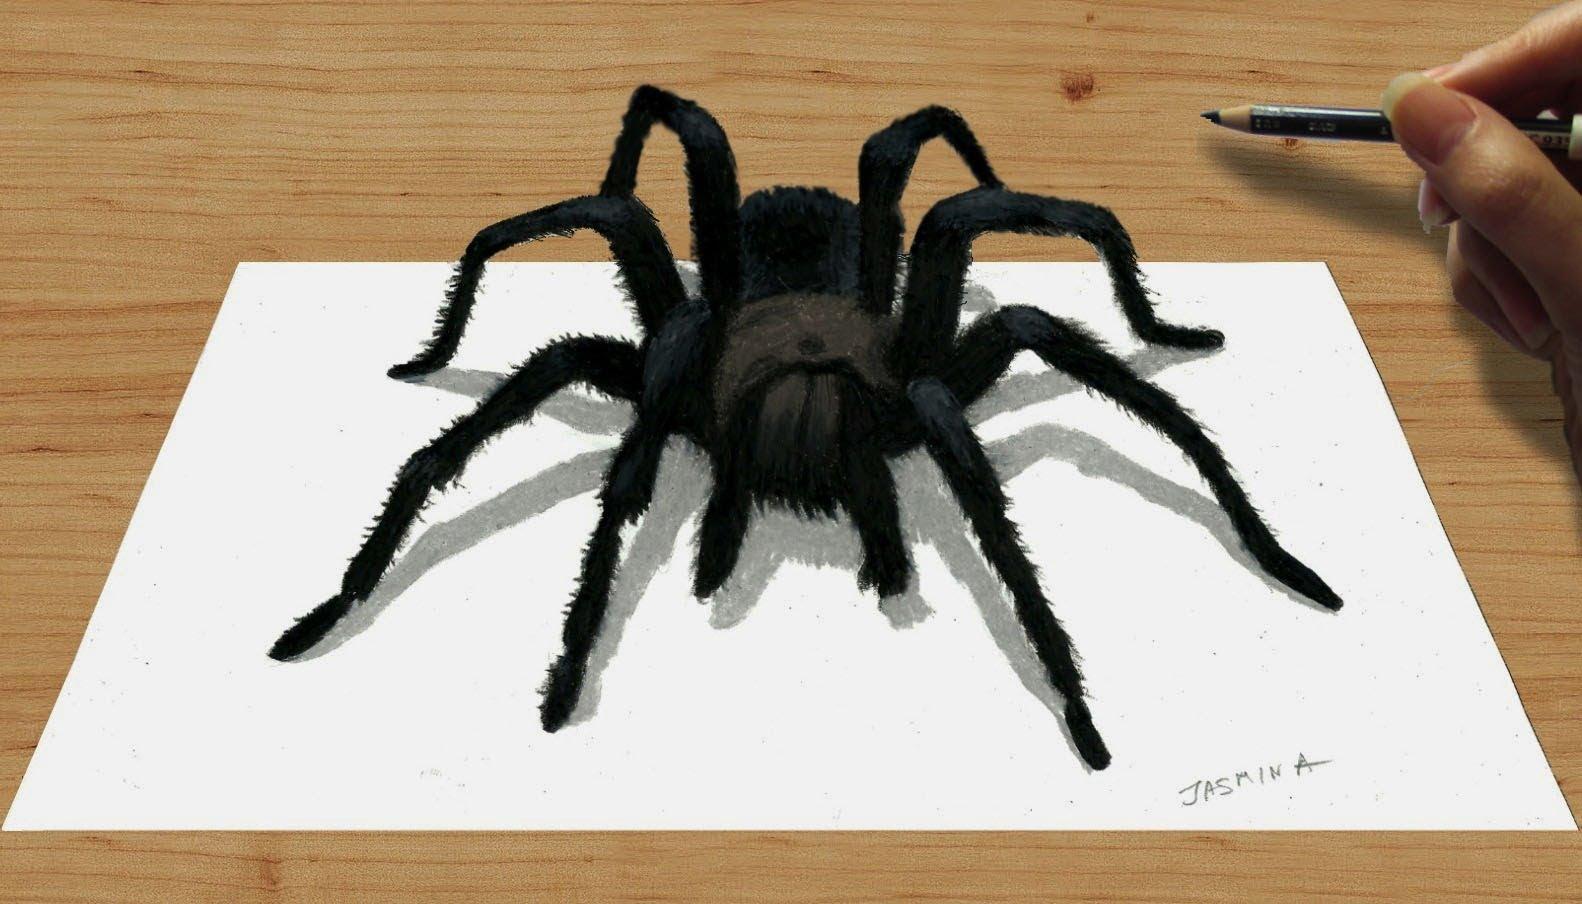 Drawn spider 3d art #9